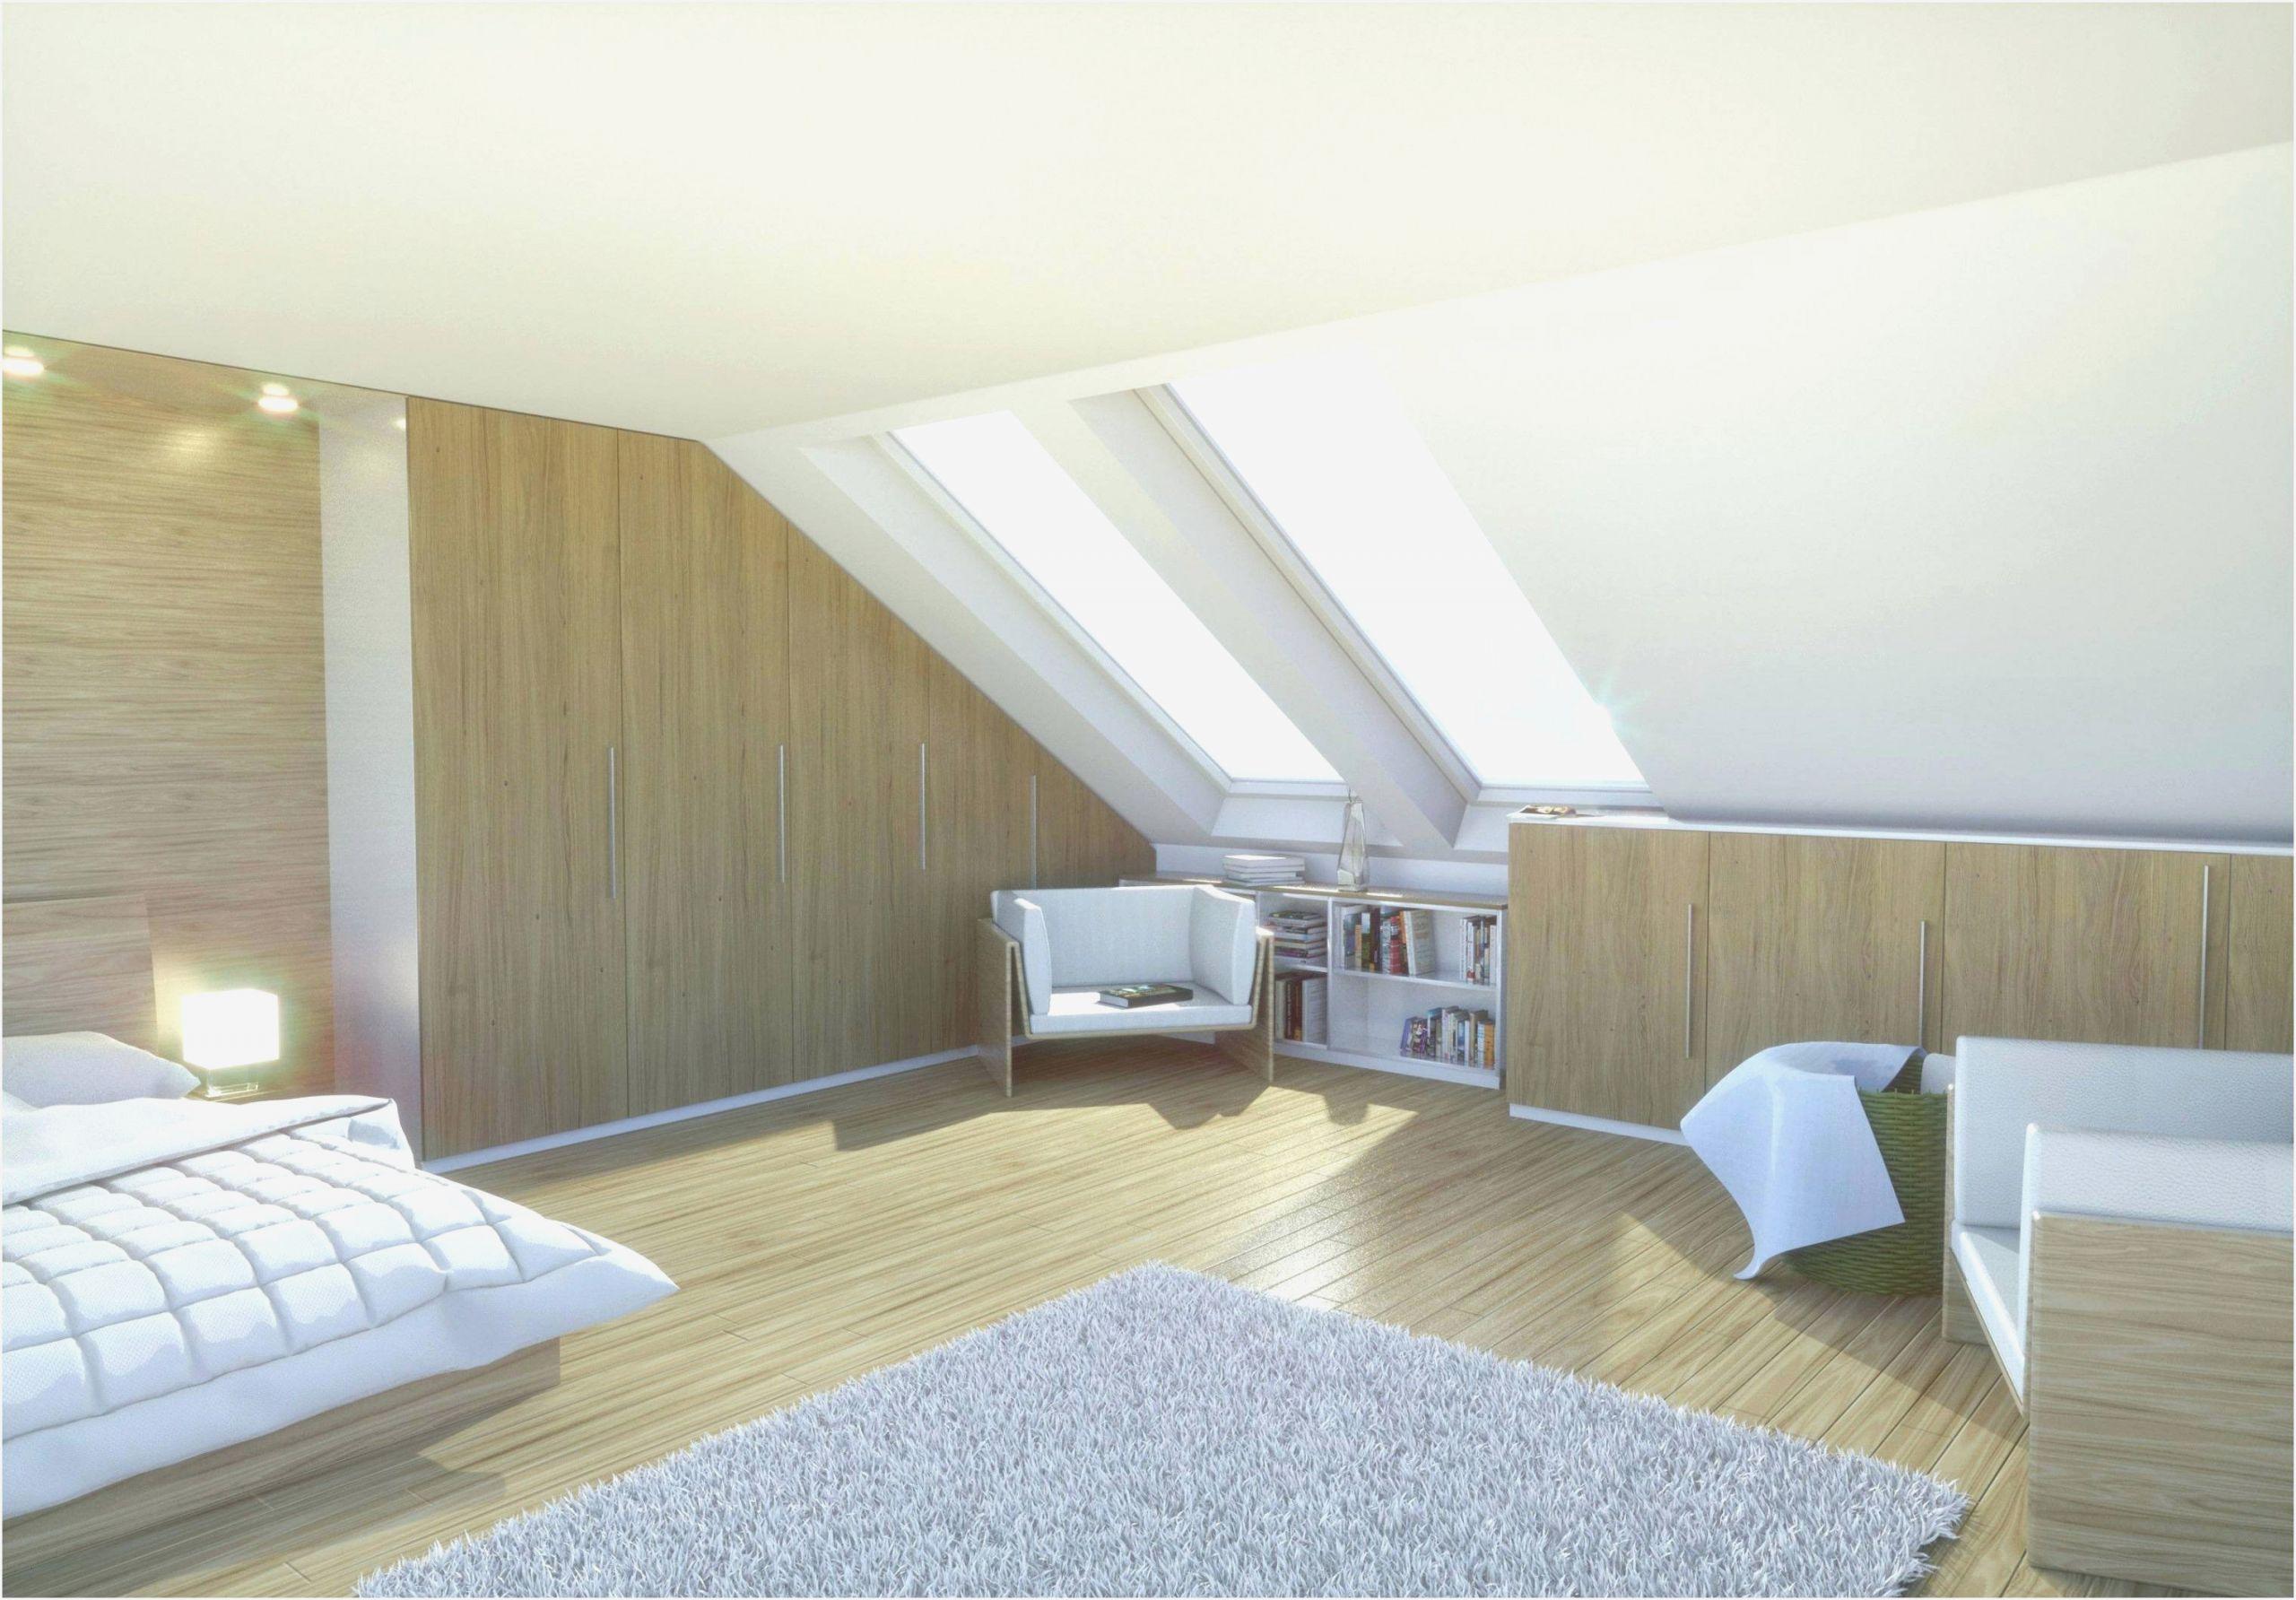 Deko Ideen Mit Weinkisten Schön Schlafzimmer Deko Selber Machen Schlafzimmer Traumhaus